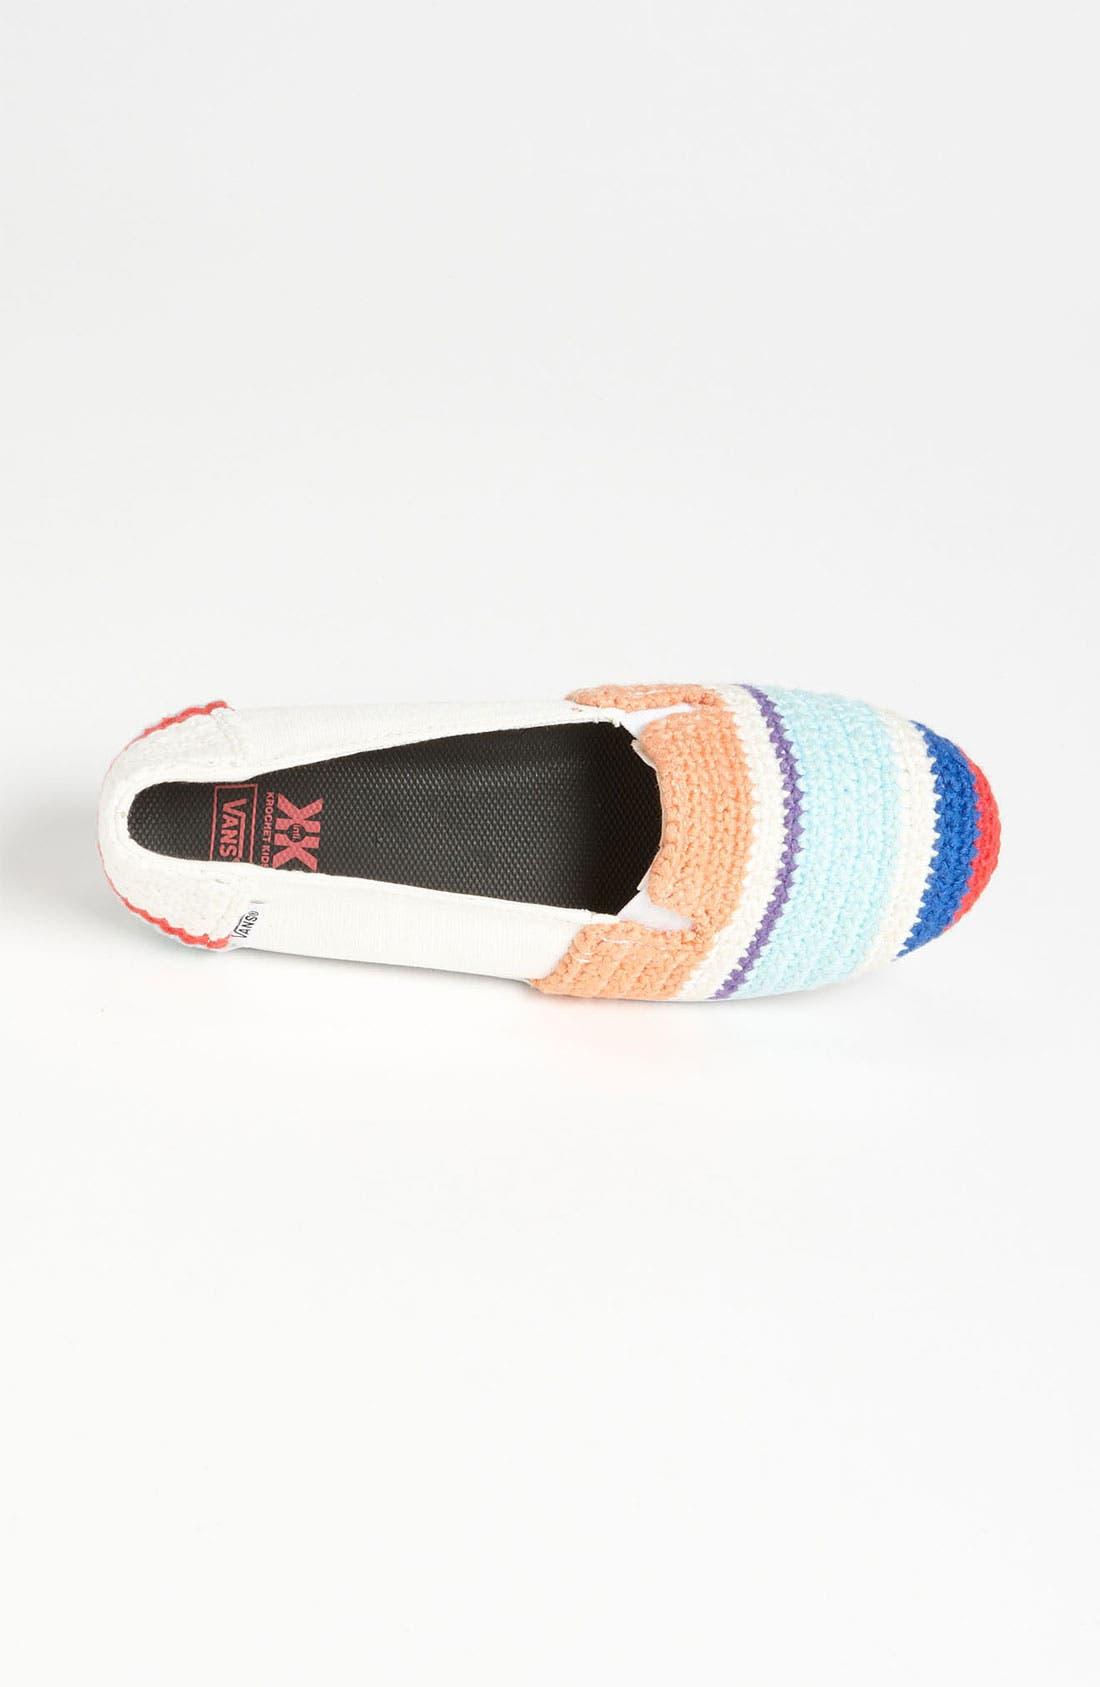 Alternate Image 3  - Vans + Krochet Kids 'Bixie' Crochet Slip-On